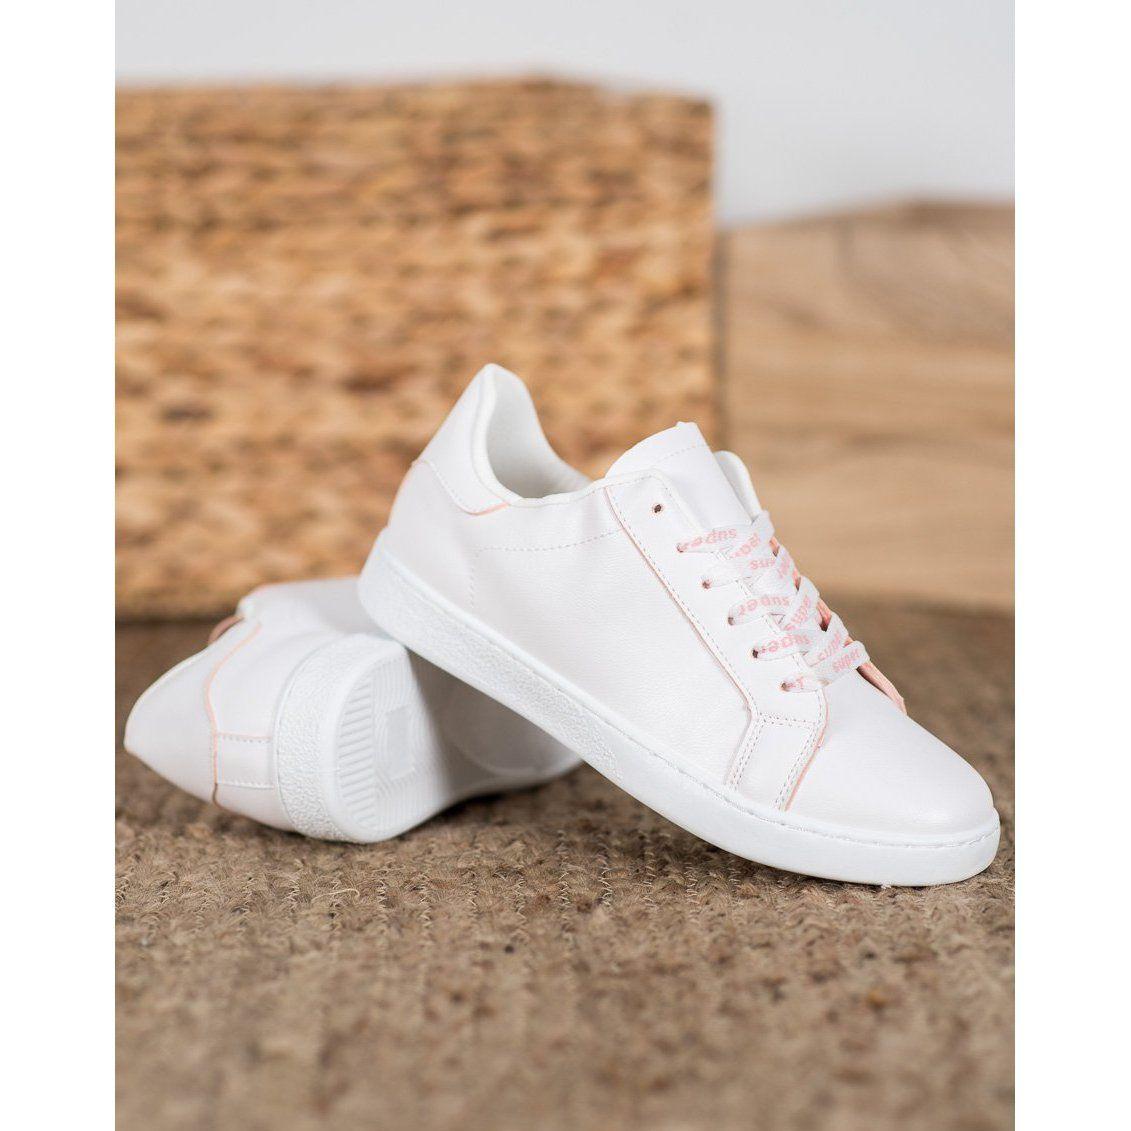 Shelovet Buty Sportowe Super Biale Rozowe White Sneaker Wedding Sneaker Shoes